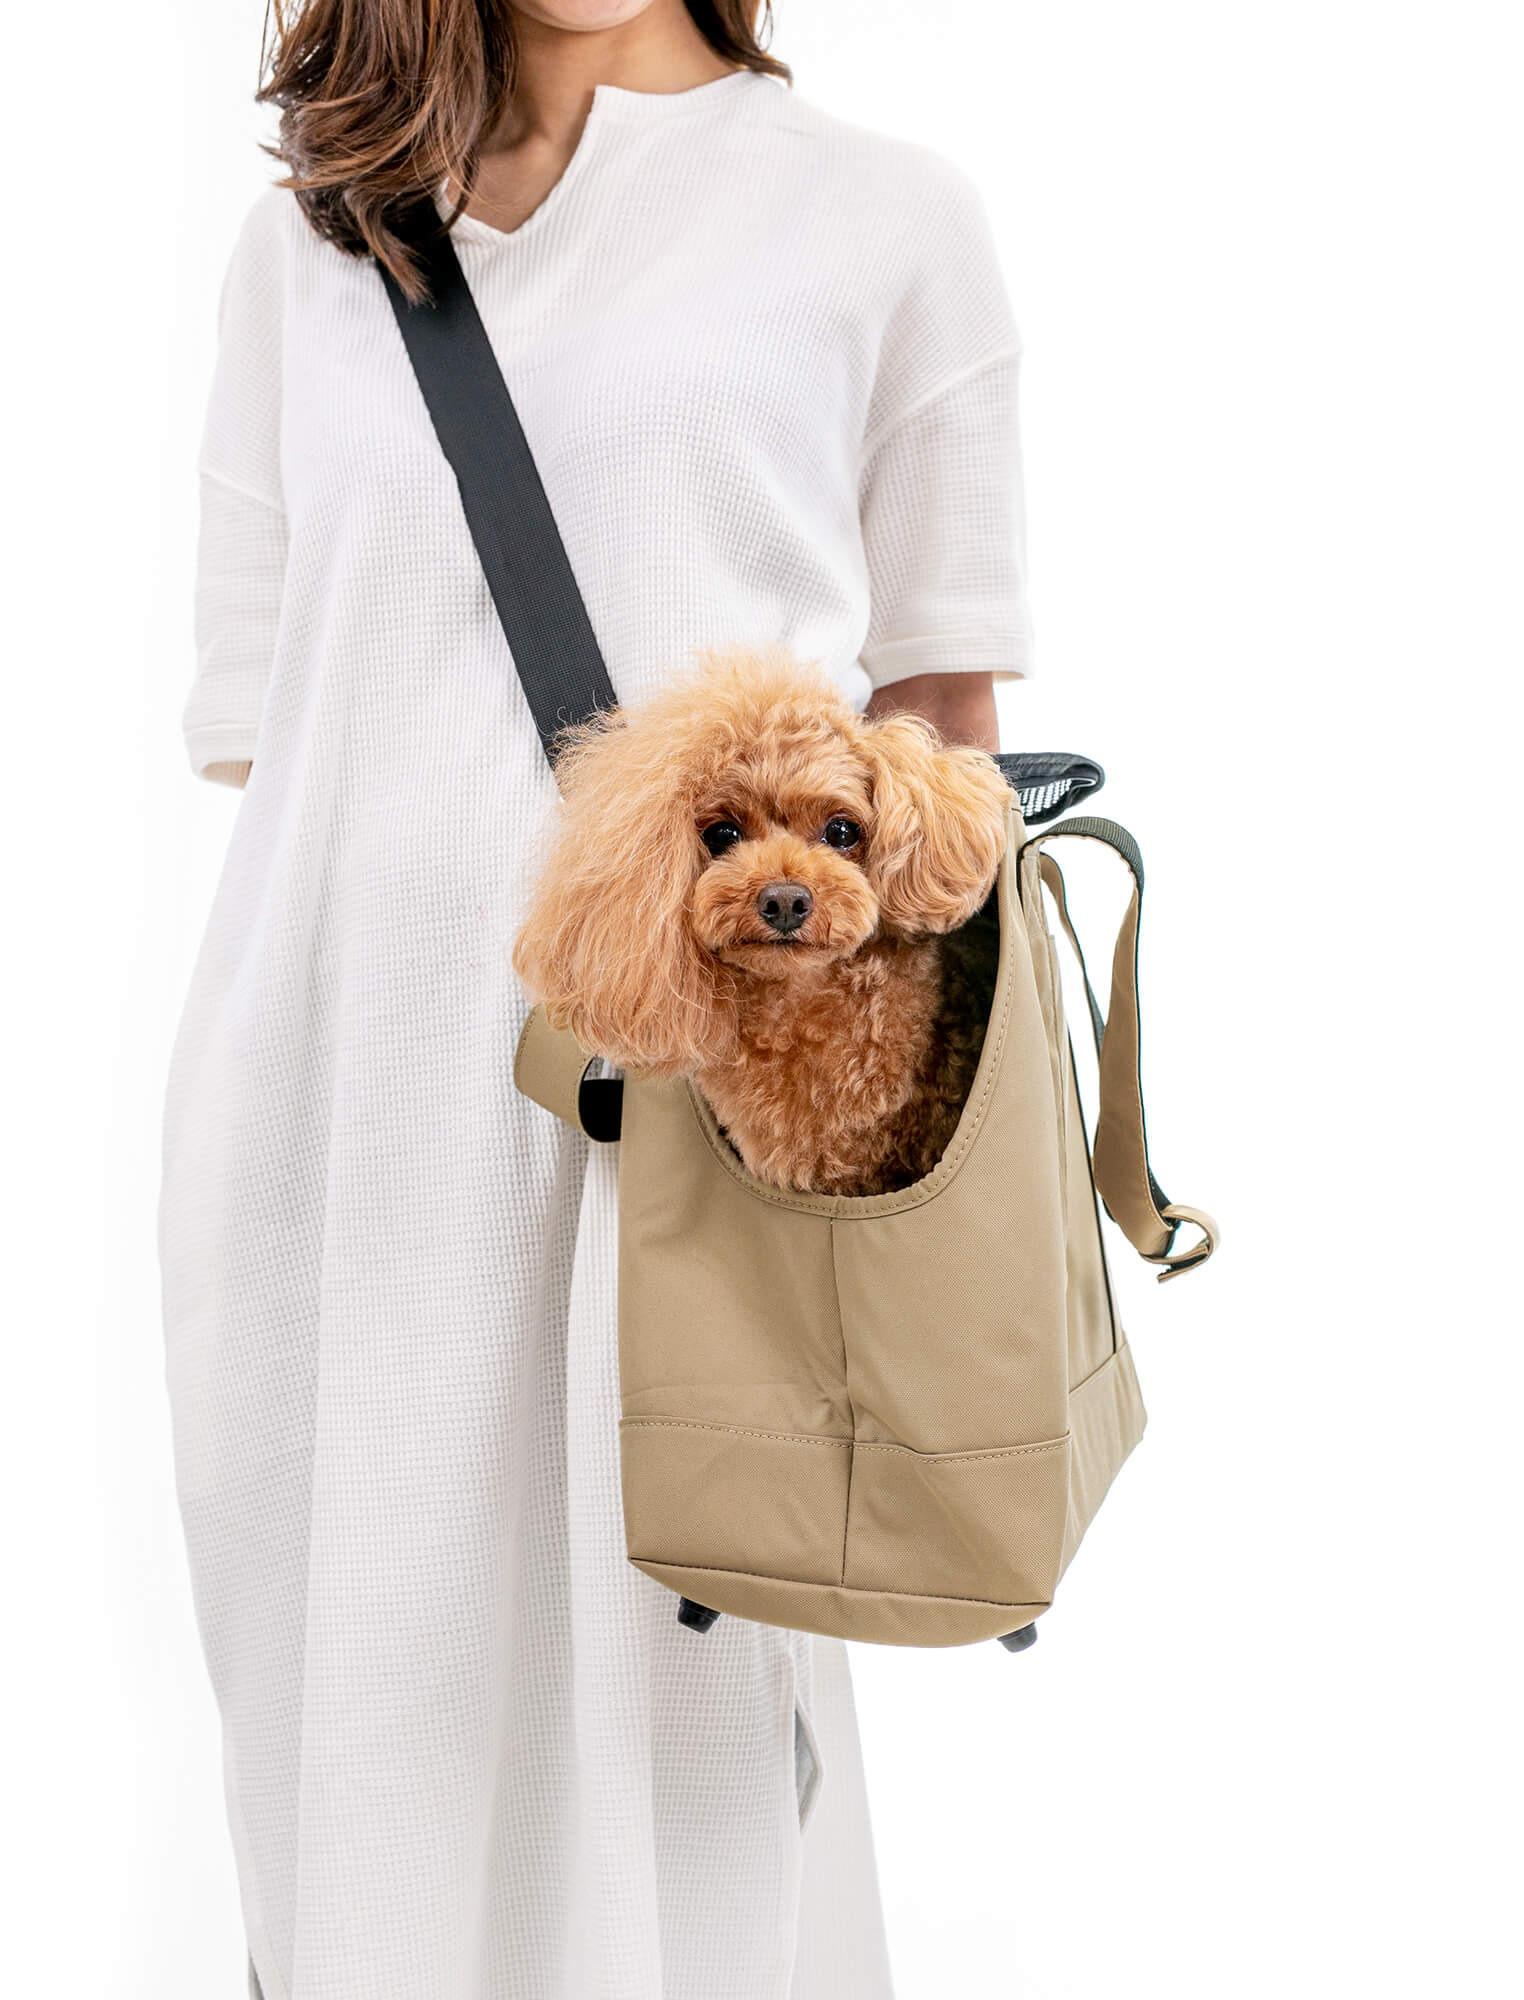 1つのバッグで肩掛け、斜めがけができます